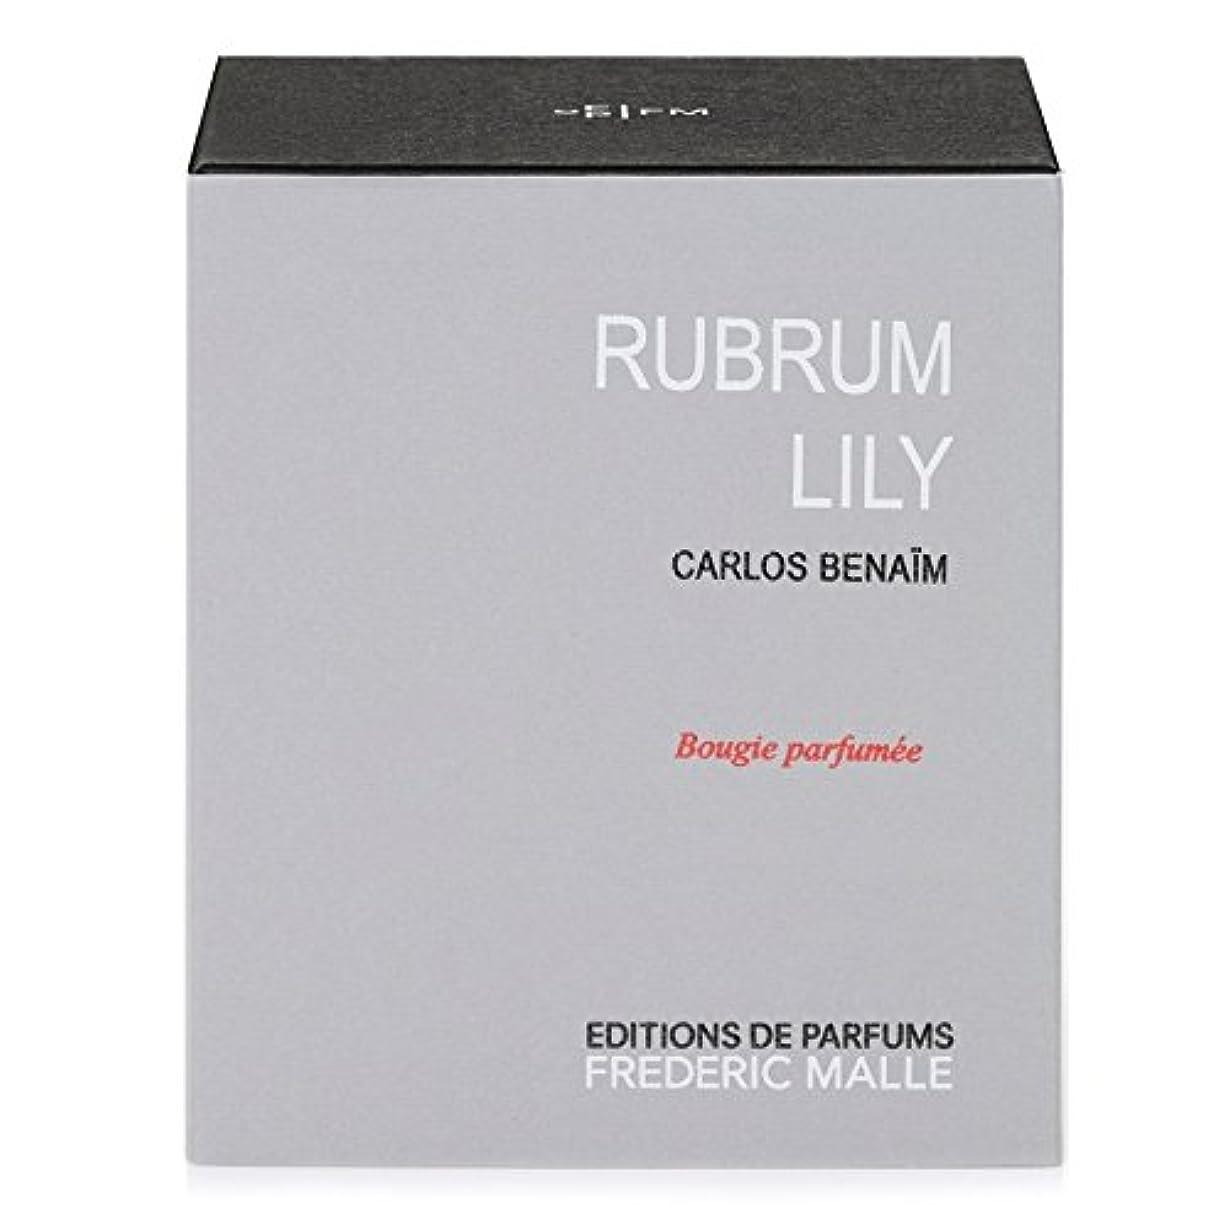 落ち着かない名義で強化するフレデリック?マルルブルムユリの香りのキャンドル x6 - Frederic Malle Rubrum Lily Scented Candle (Pack of 6) [並行輸入品]